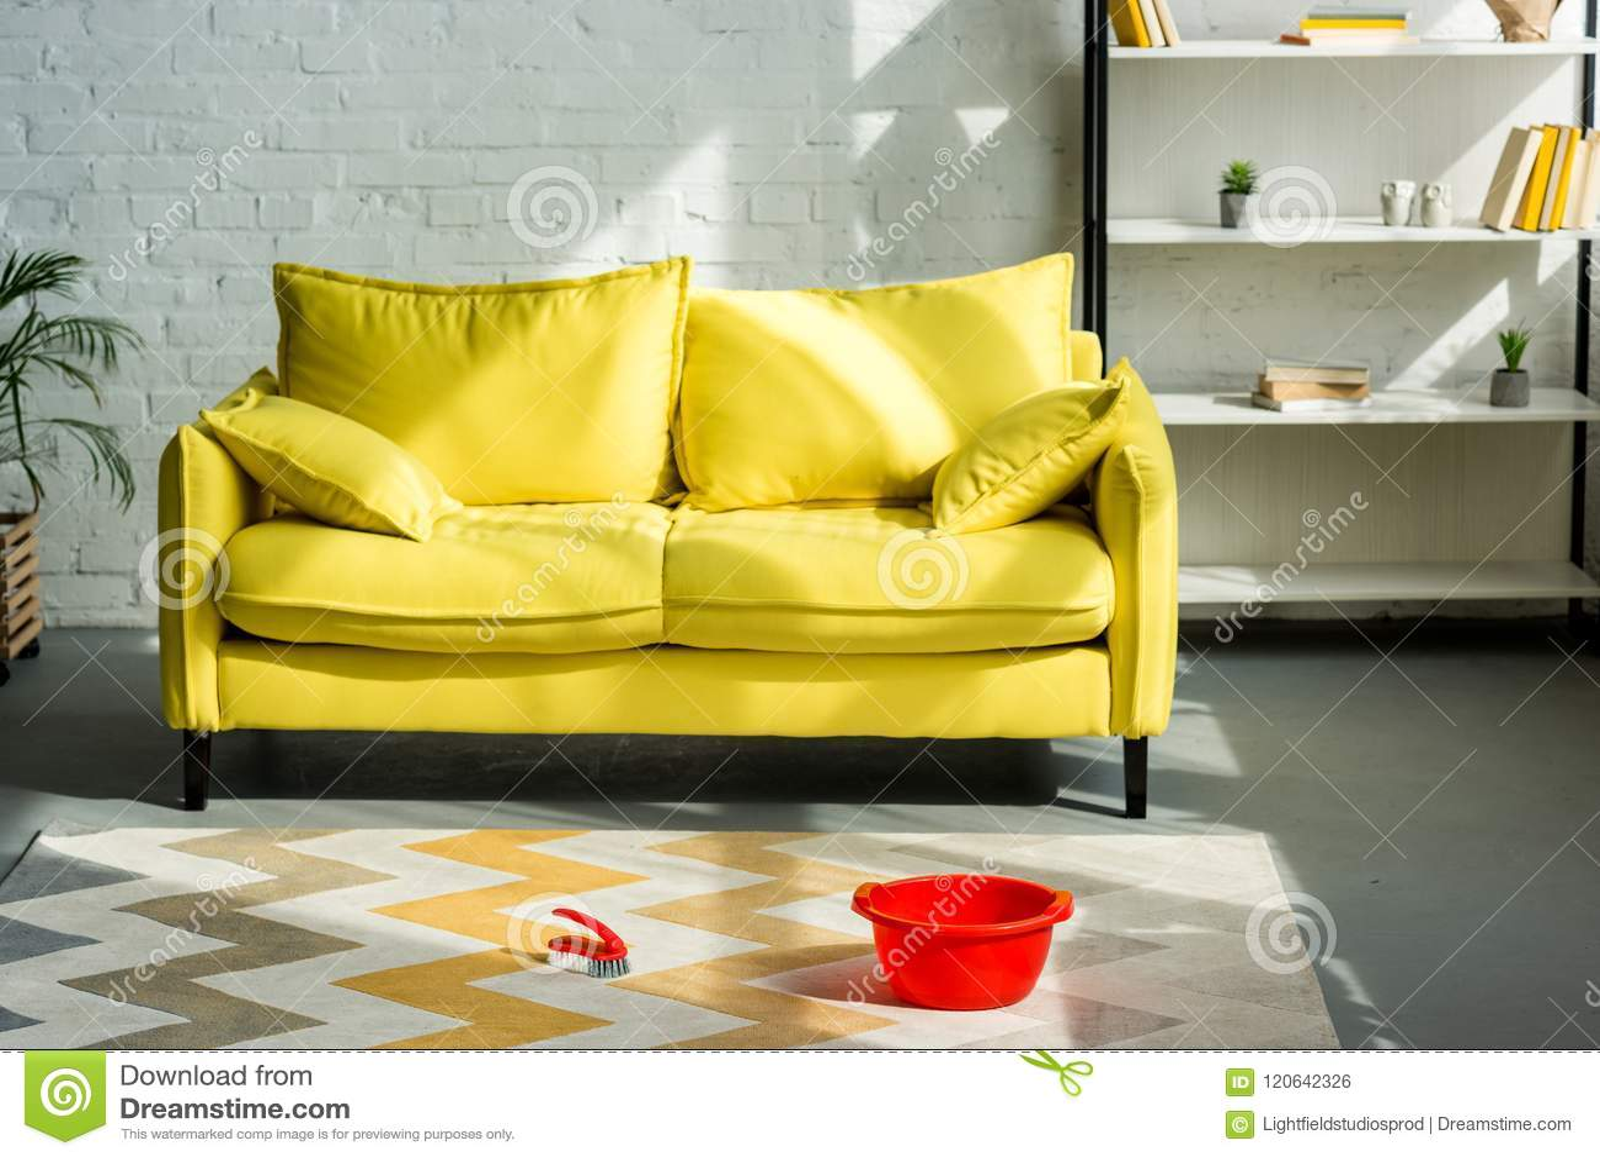 在地毯的红色桶和清洁刷在地板,黄色沙发上